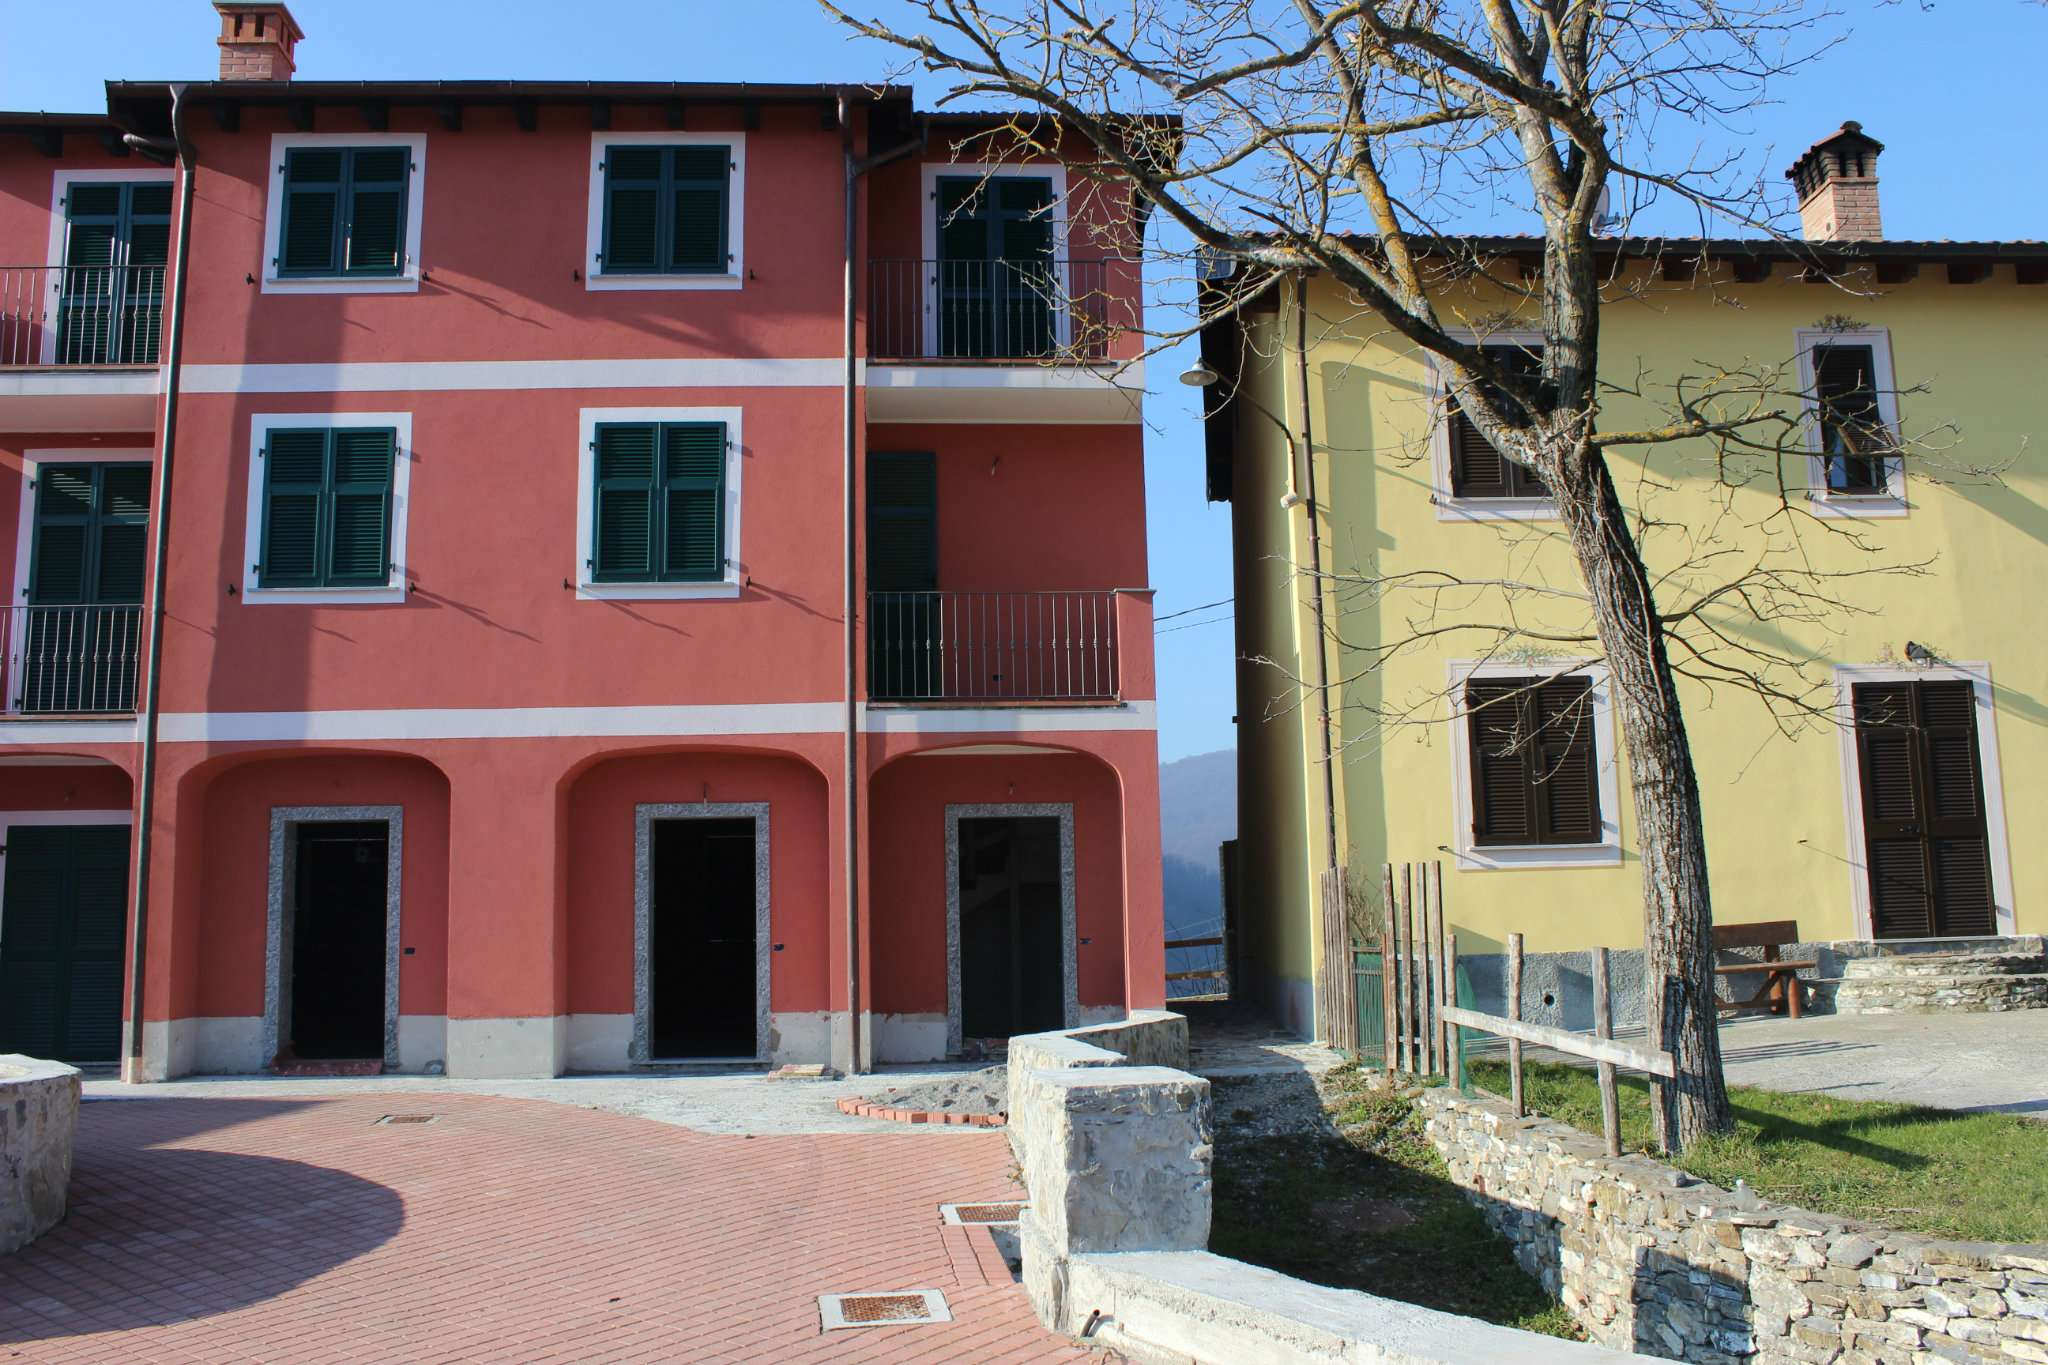 Soluzione Semindipendente in vendita a Savignone, 5 locali, prezzo € 65.000 | CambioCasa.it